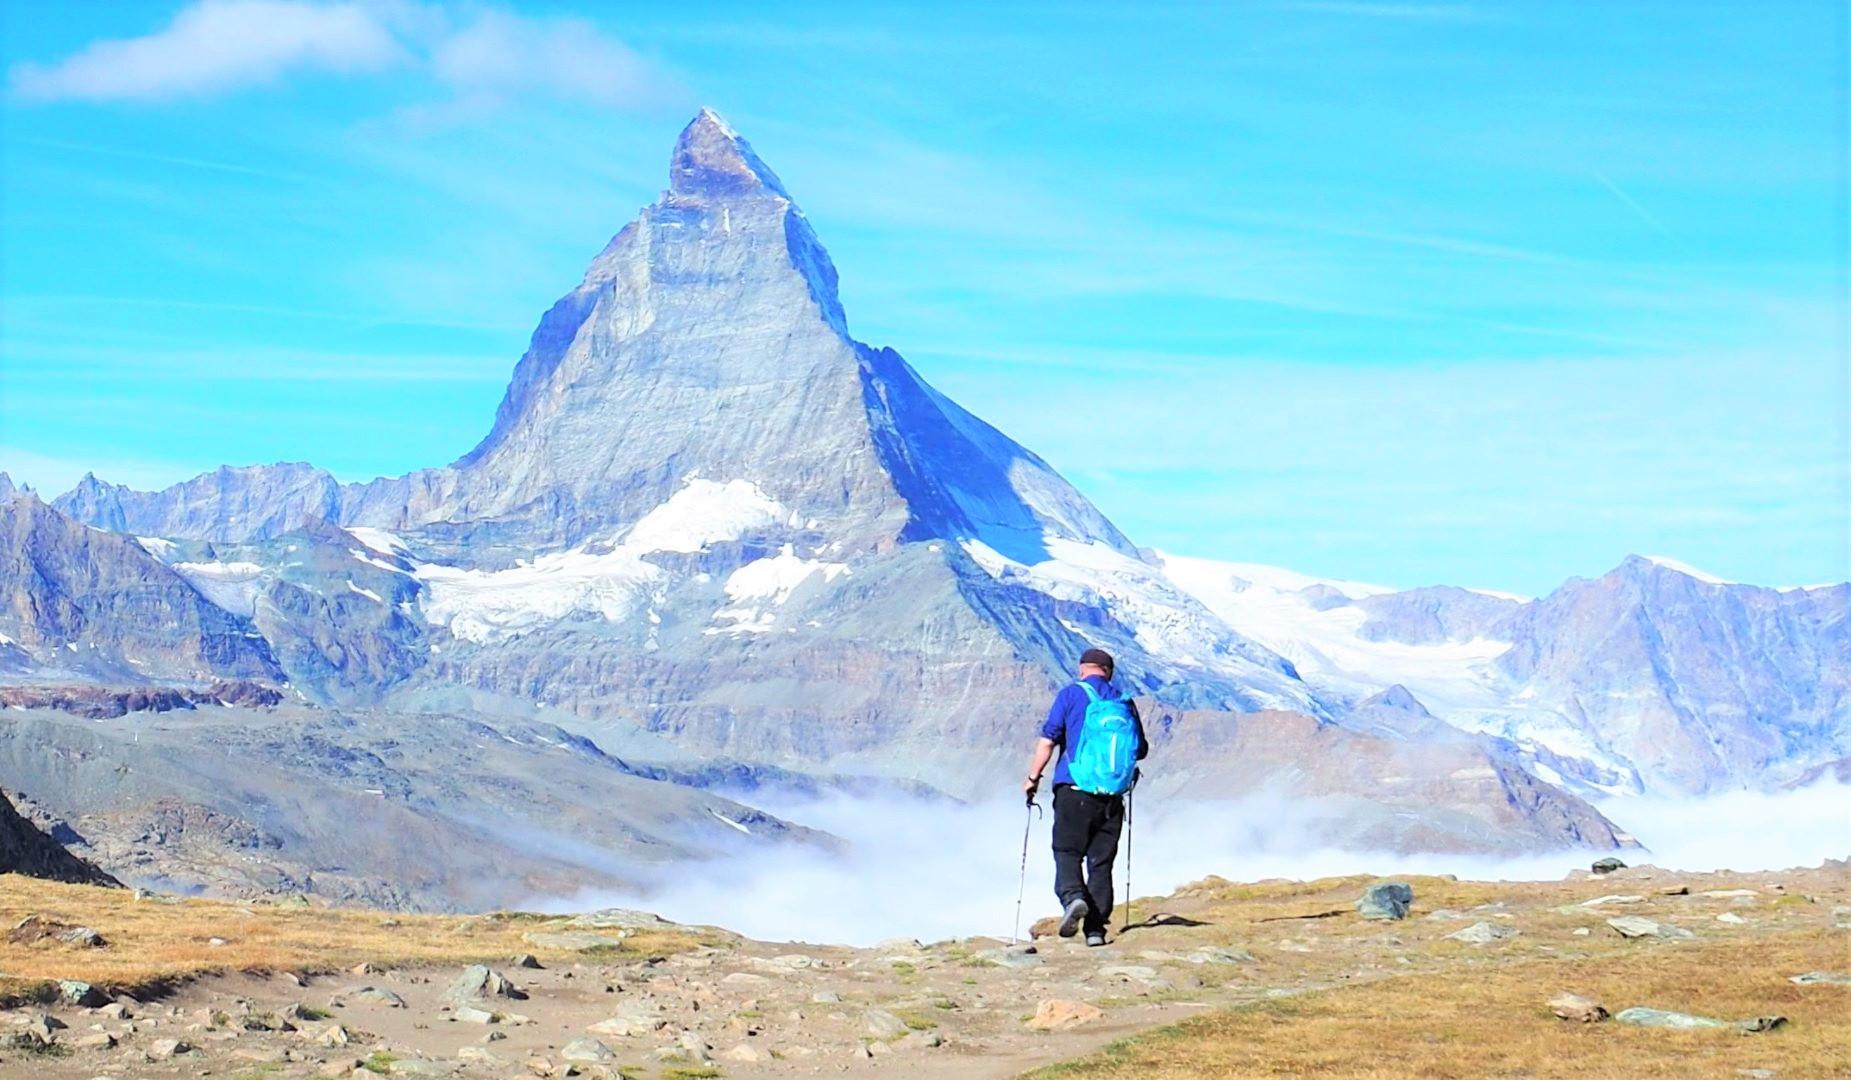 秋は晴天率が高くハイキング向きの季節(7日目)